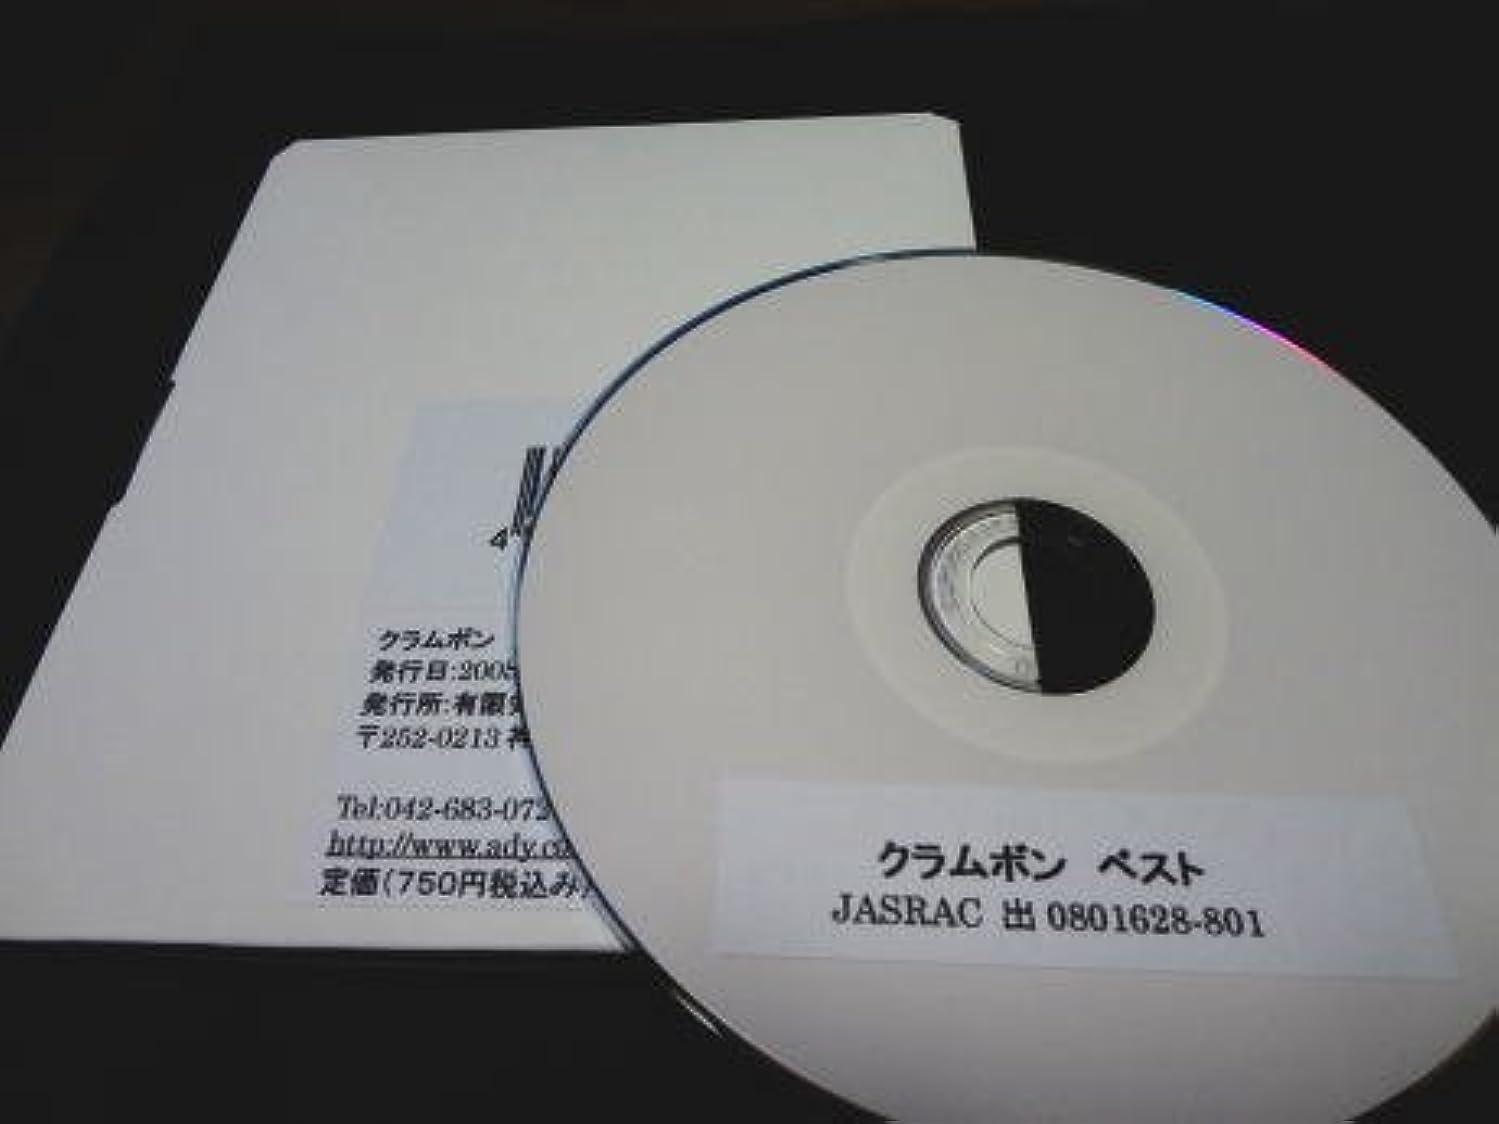 ギターコード譜シリーズ(CD-R版)/クラムボン ベスト(全41曲収録)